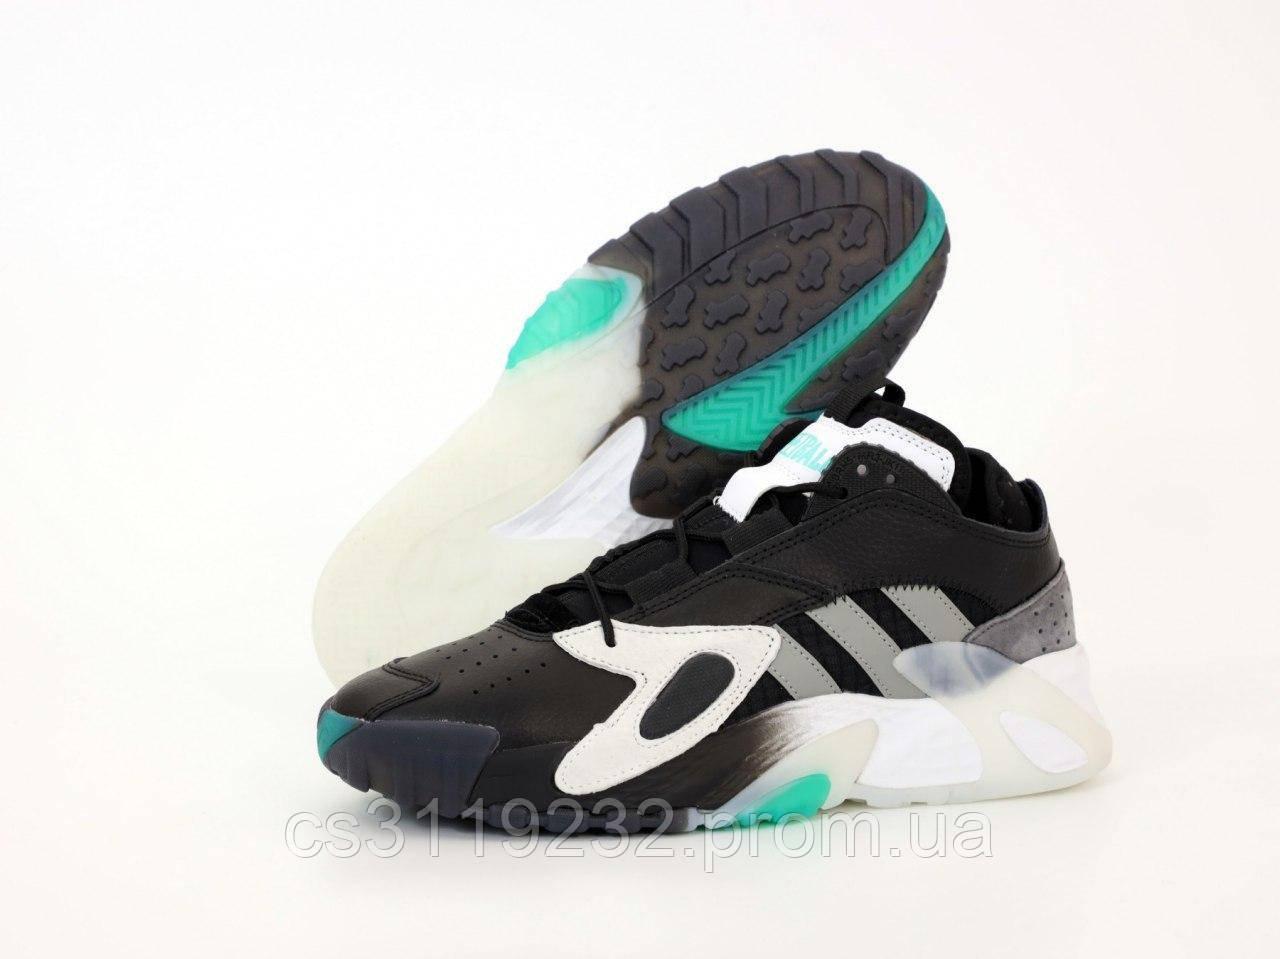 Чоловічі кросівки Adidas Streetball (чорний/сірий/бірюза)